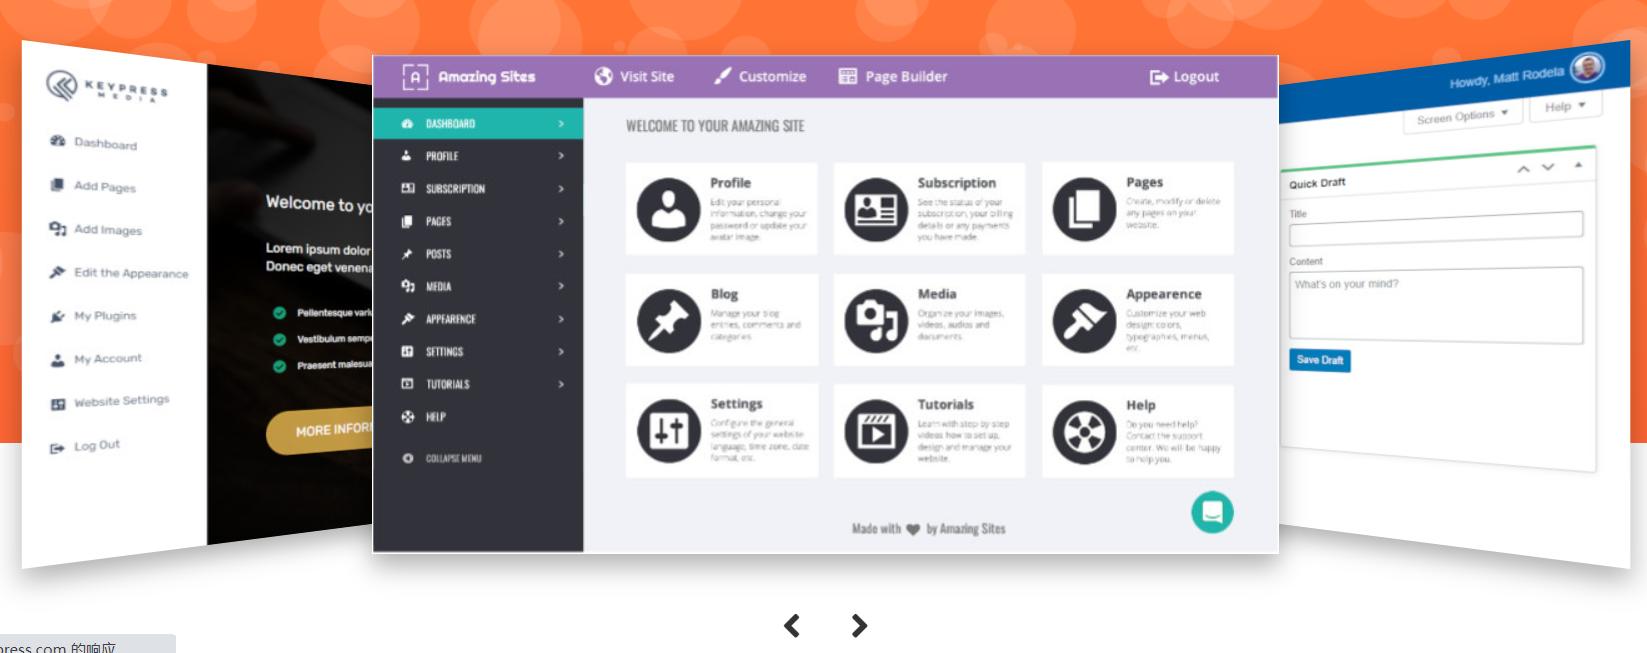 KeyPress UI Manager 汉化版 -WordPress后台美化插件